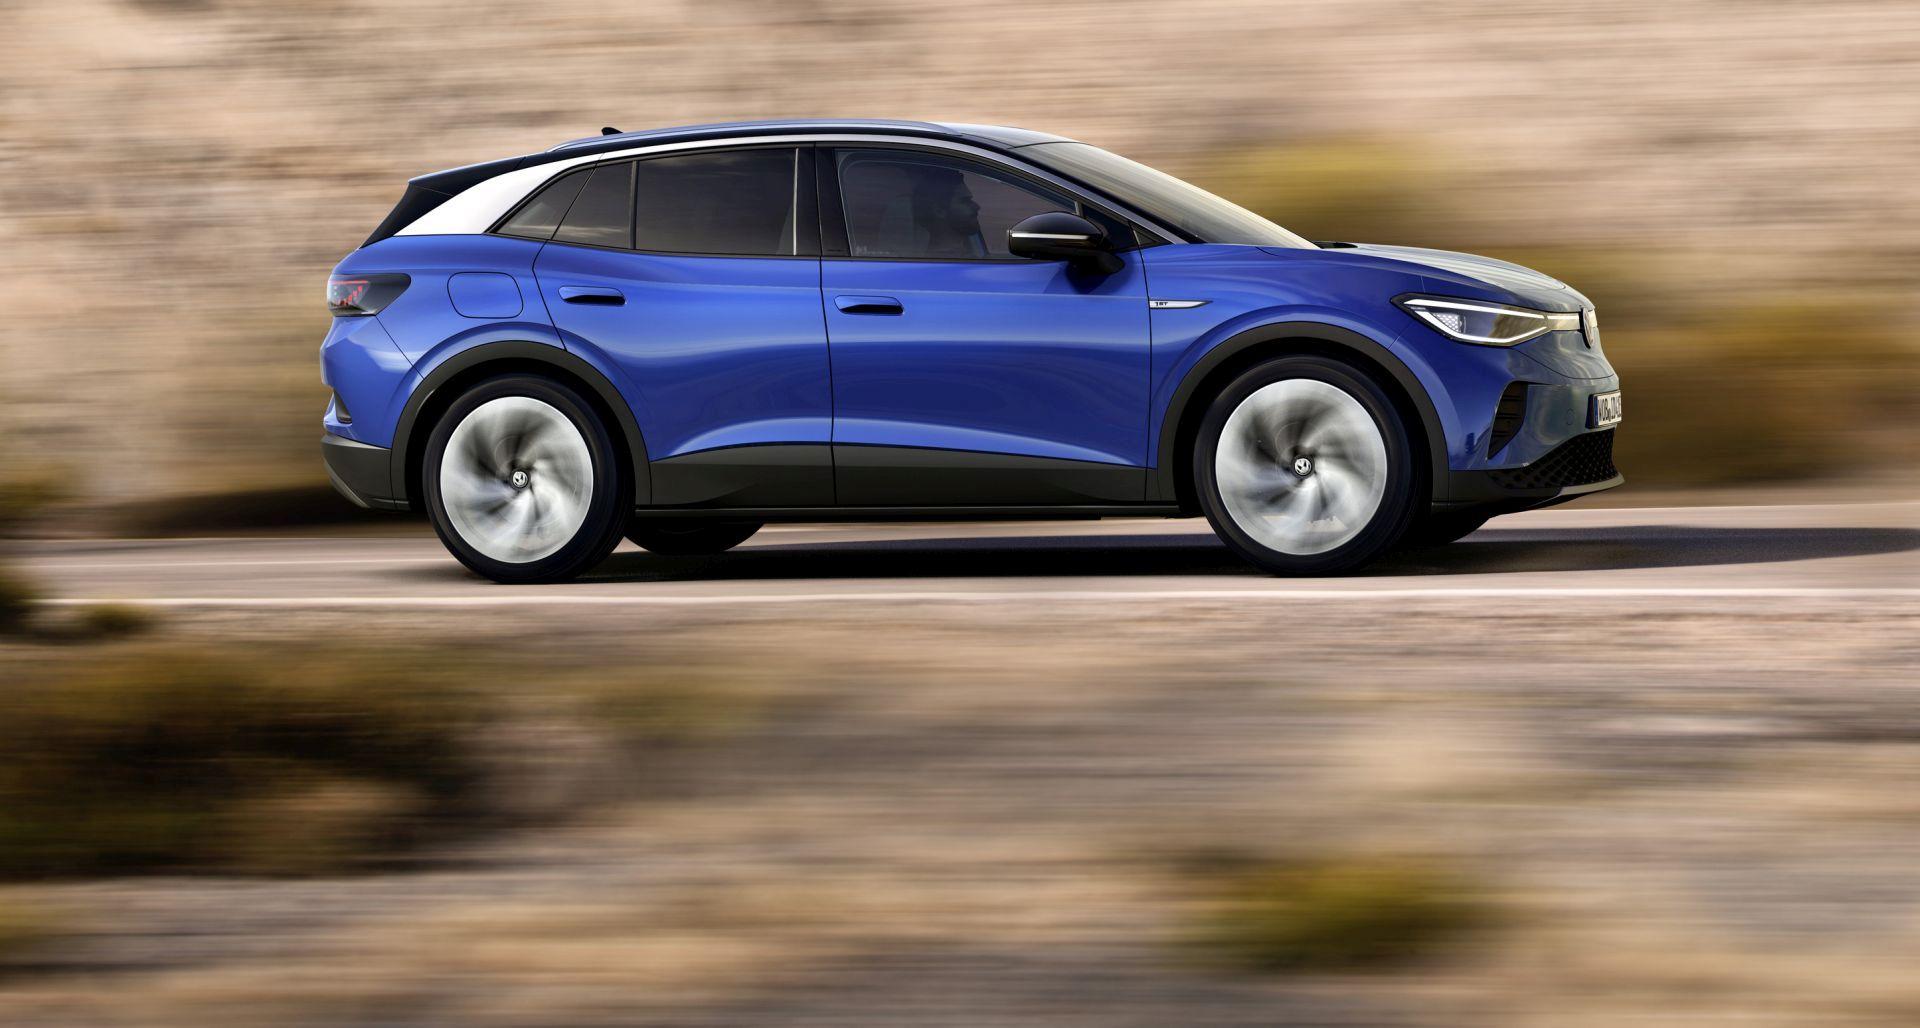 Volkswagen predstavlja još jedan električni model – kompaktni SUV ID.4